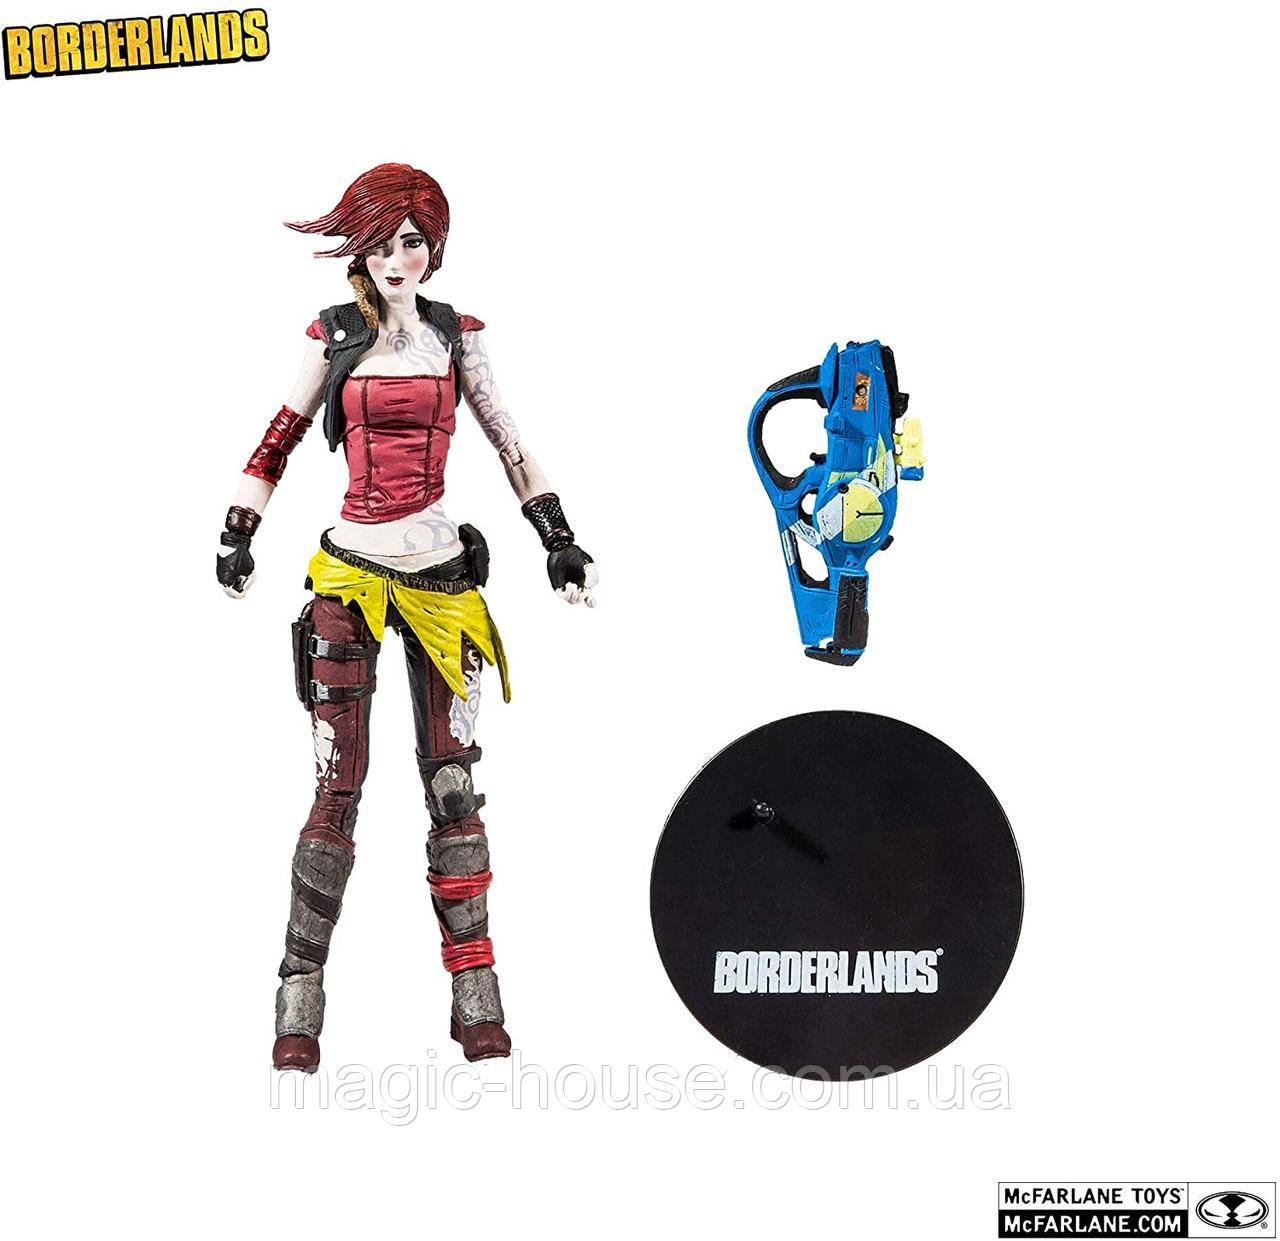 Фігурка Ліліт Екшн McFarlane Toys 10253-6 Borderlands Lilith Action Figure